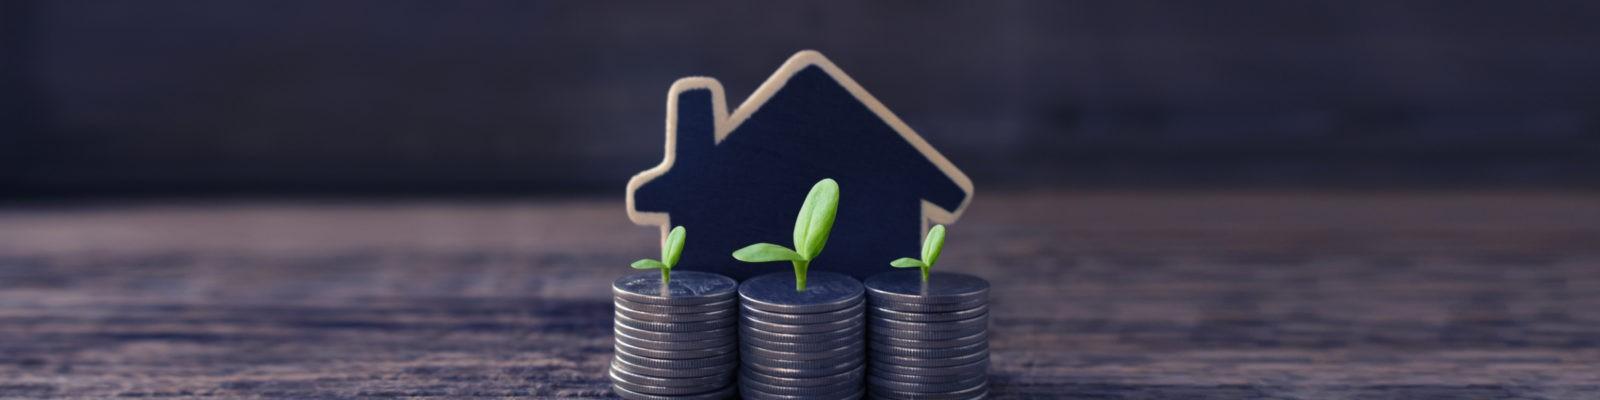 Immowerk - Immobilienmakler mit klugen Ideen